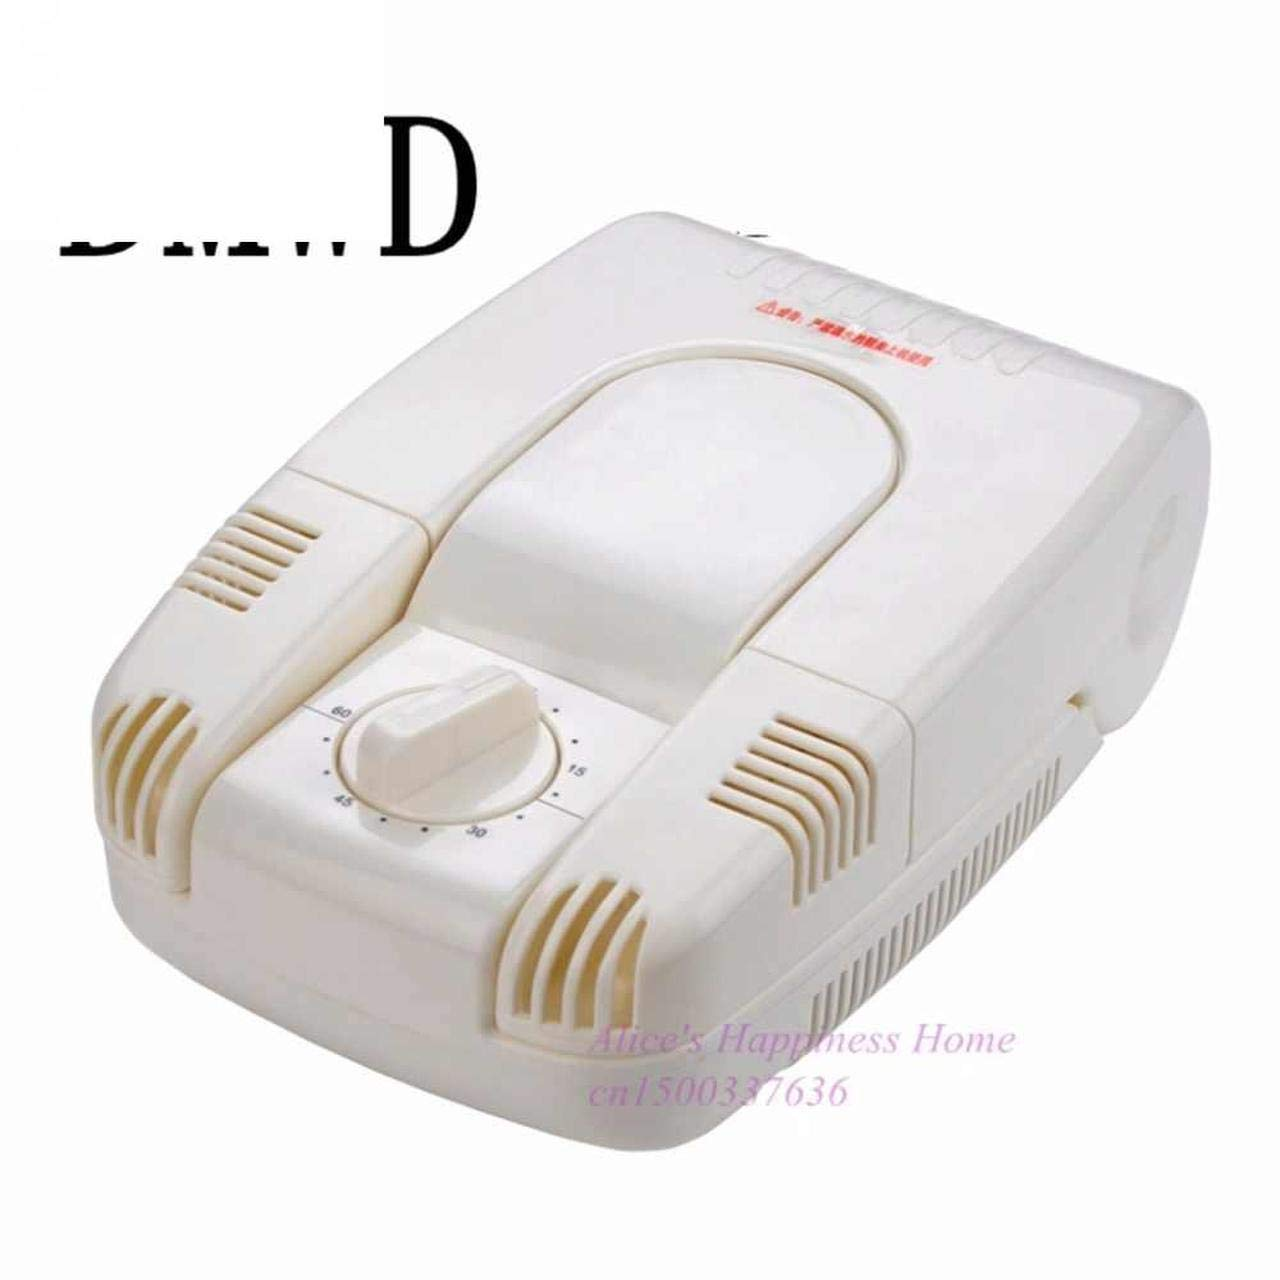 Shoe Dryer Timing Telescopic Drying Machine Hot Bake Warm Shoes